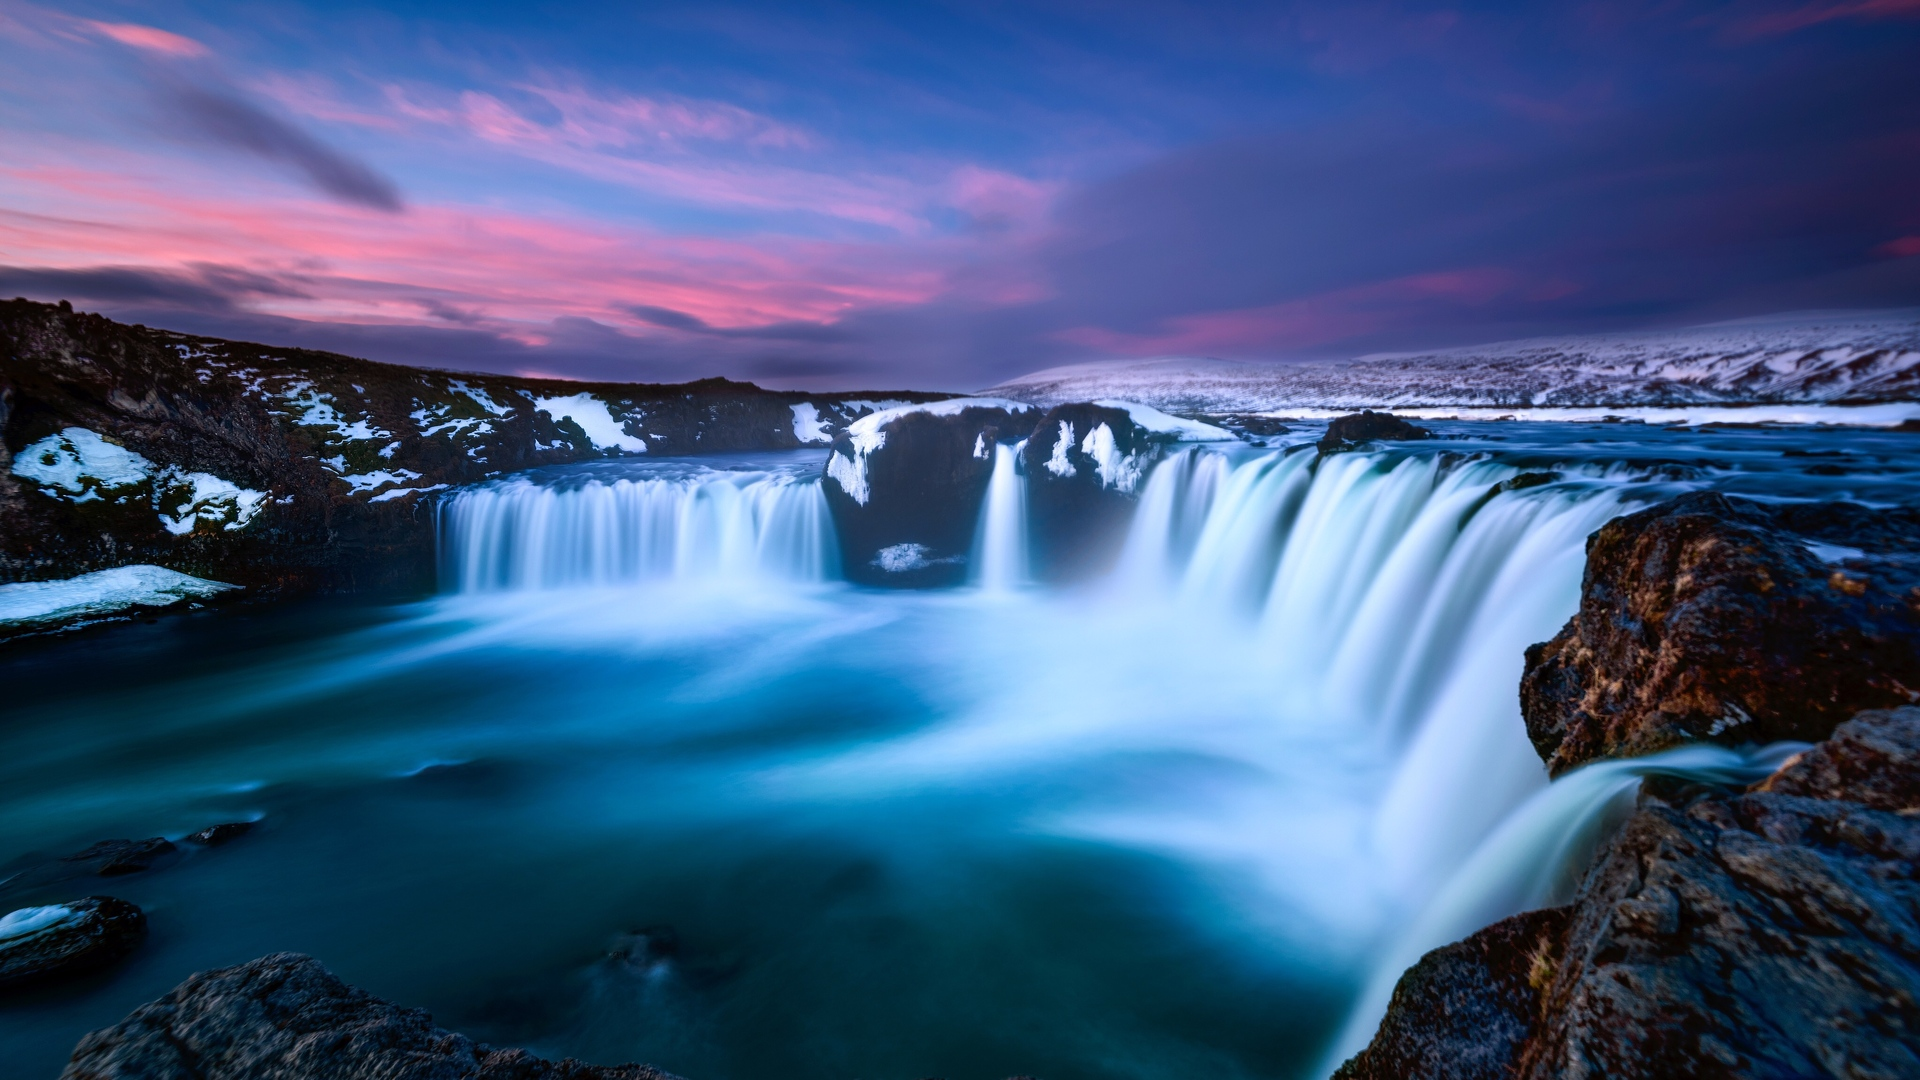 1920x1080 Dreamy Waterfall 4k Laptop Full Hd 1080p Hd 4k